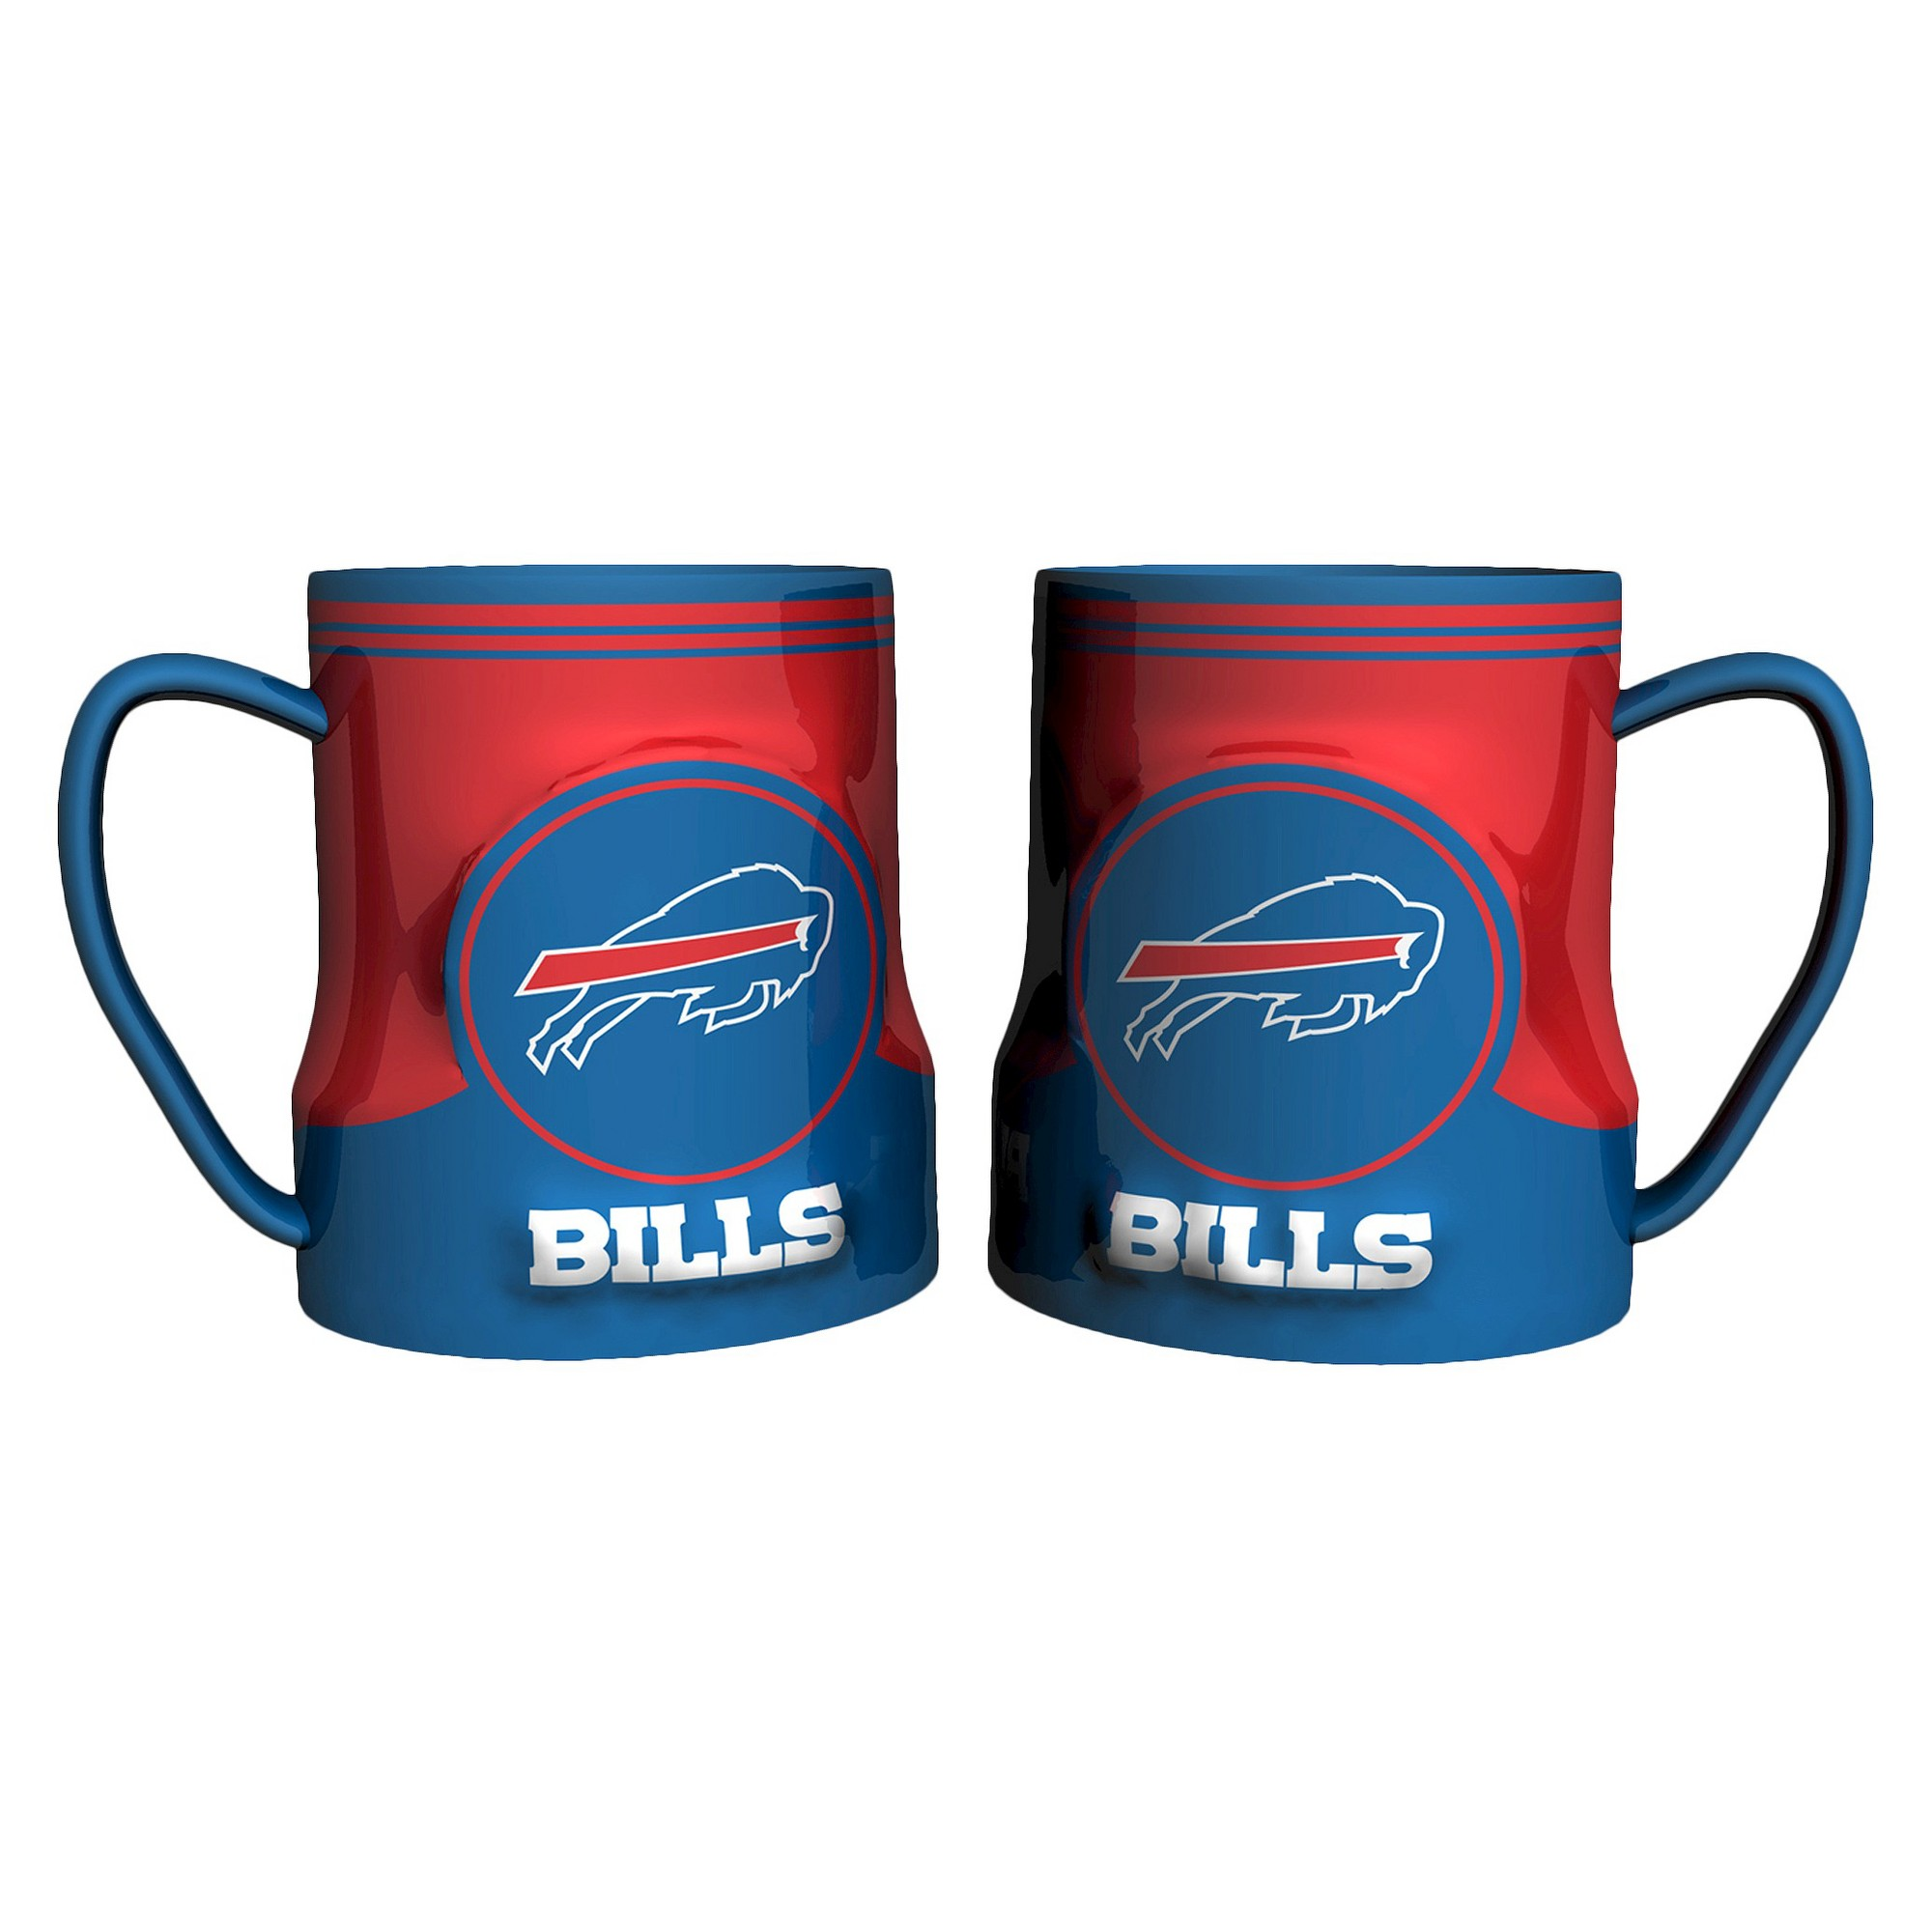 NFL Boelter Brands 2 Pack Game Time Mug 20 oz Buffalo